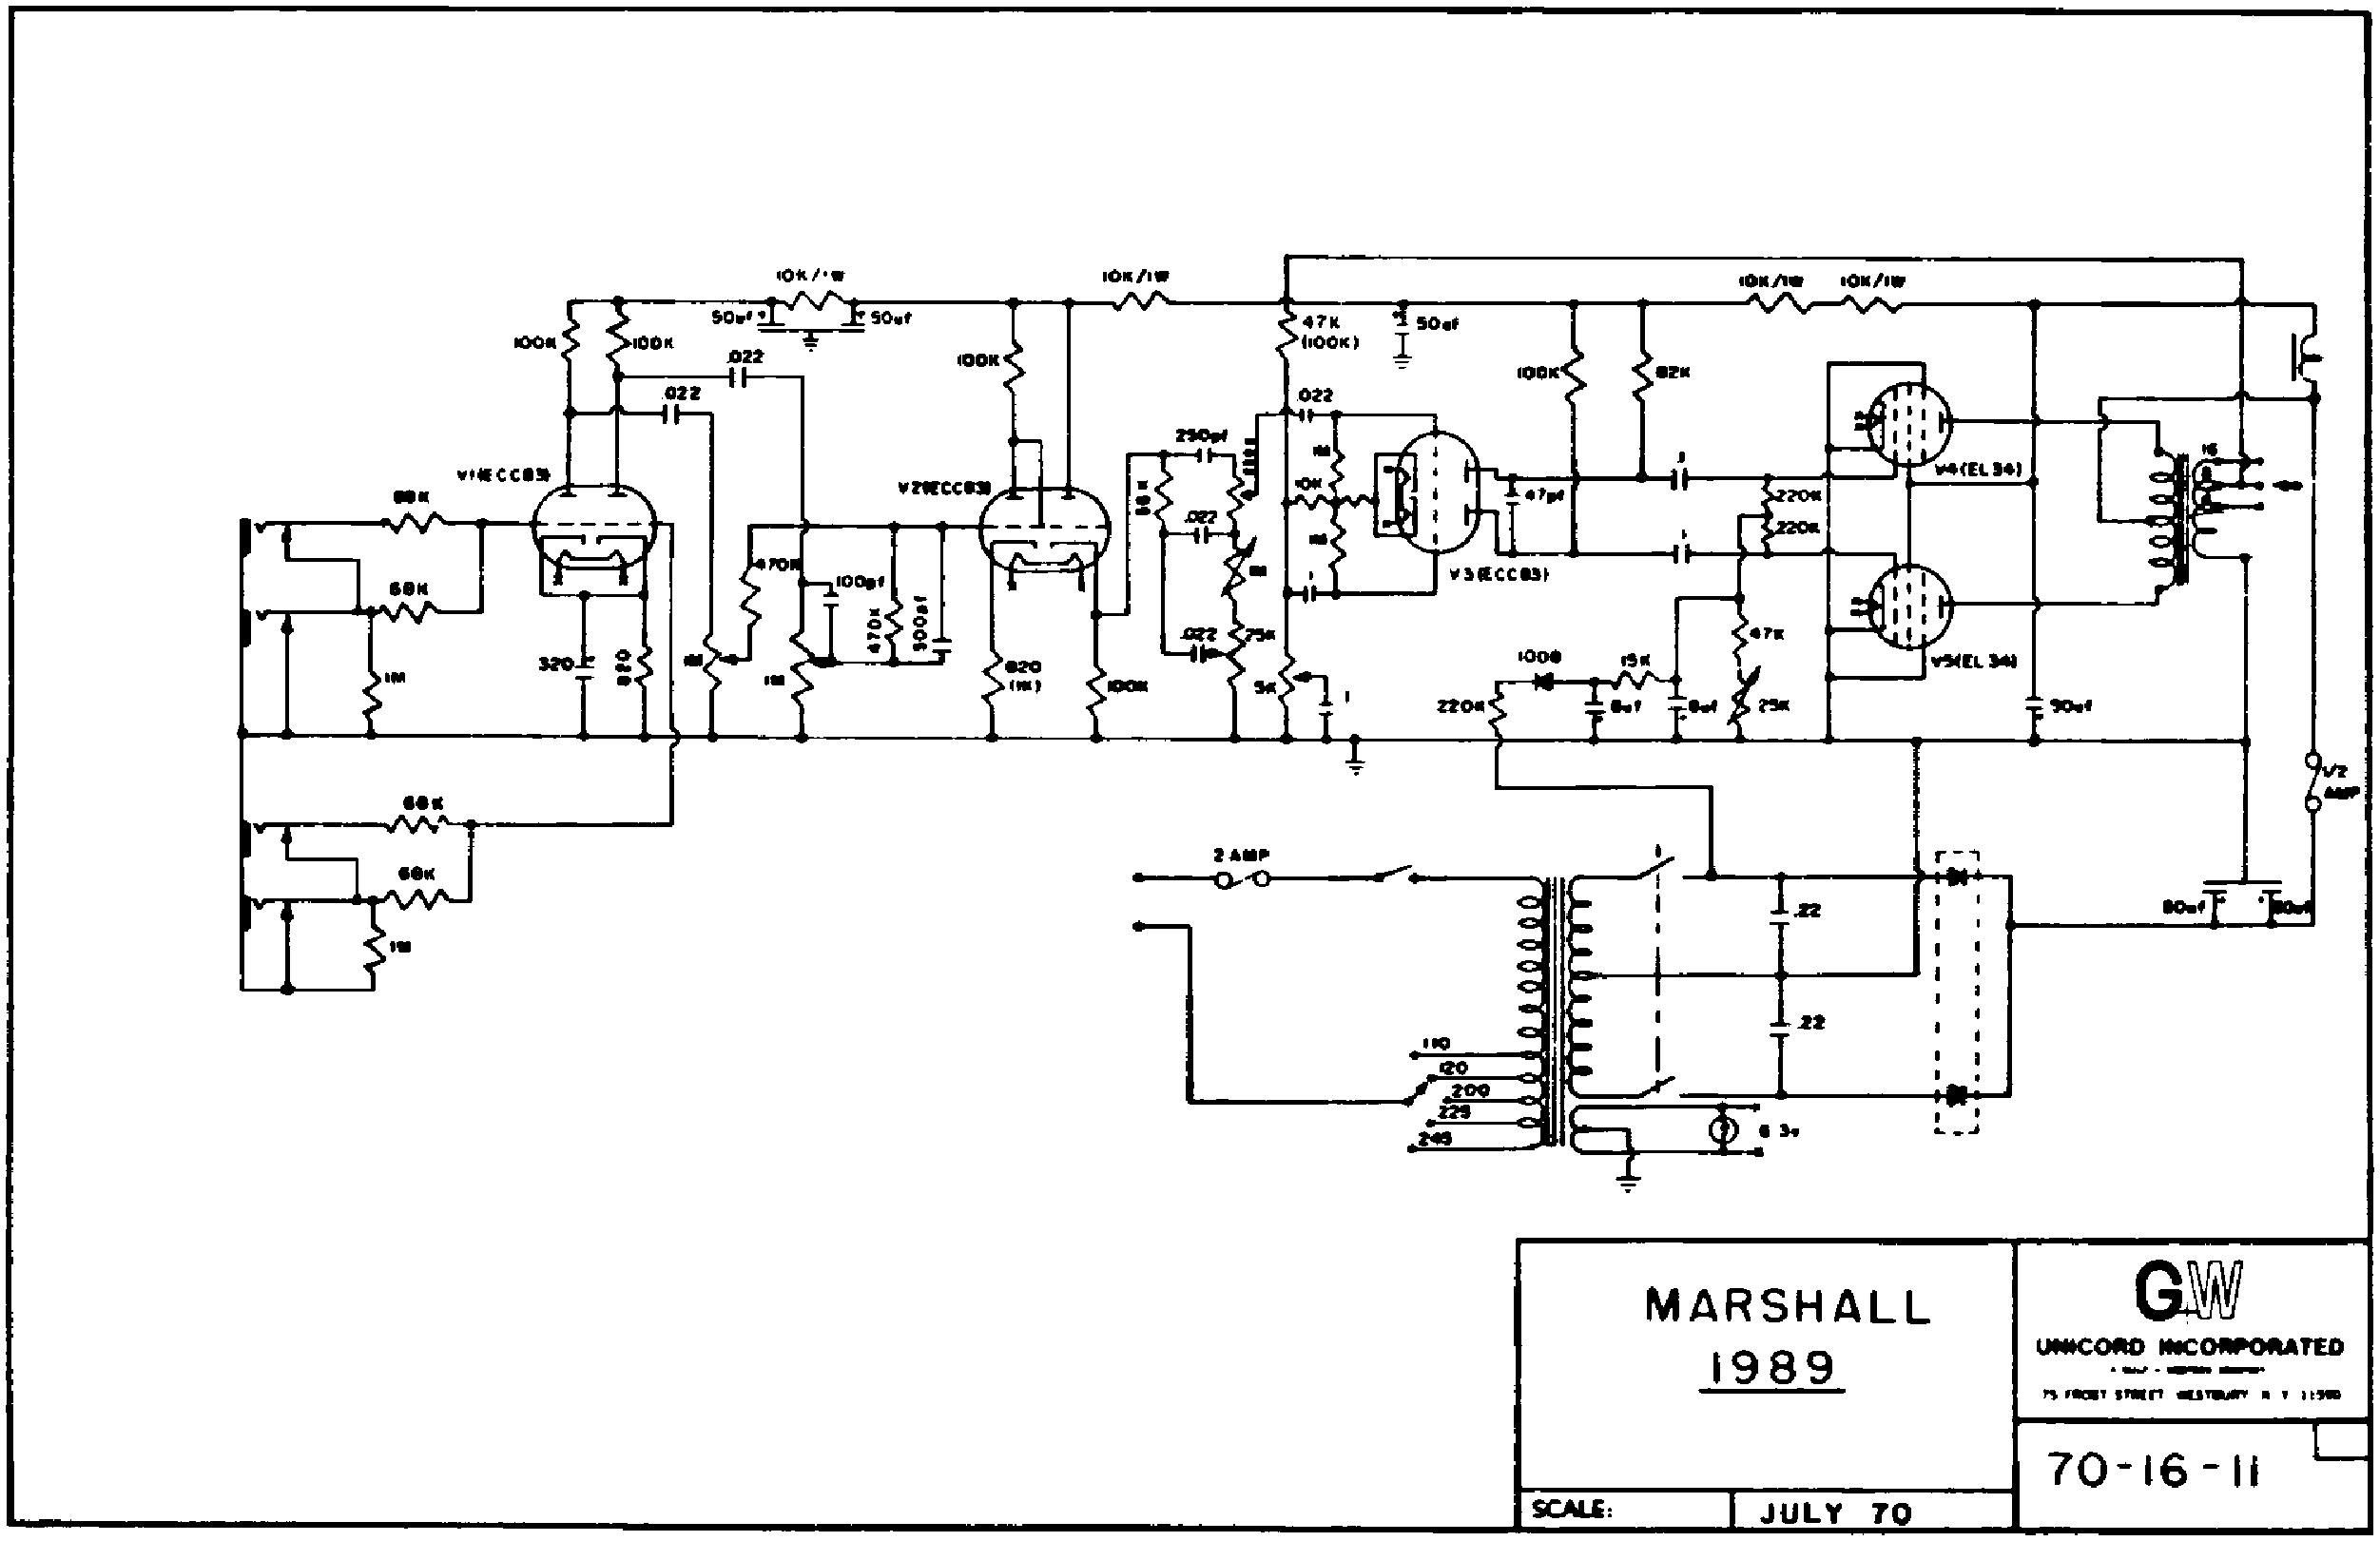 marshall jmp organ 50w 1989u sch service manual free